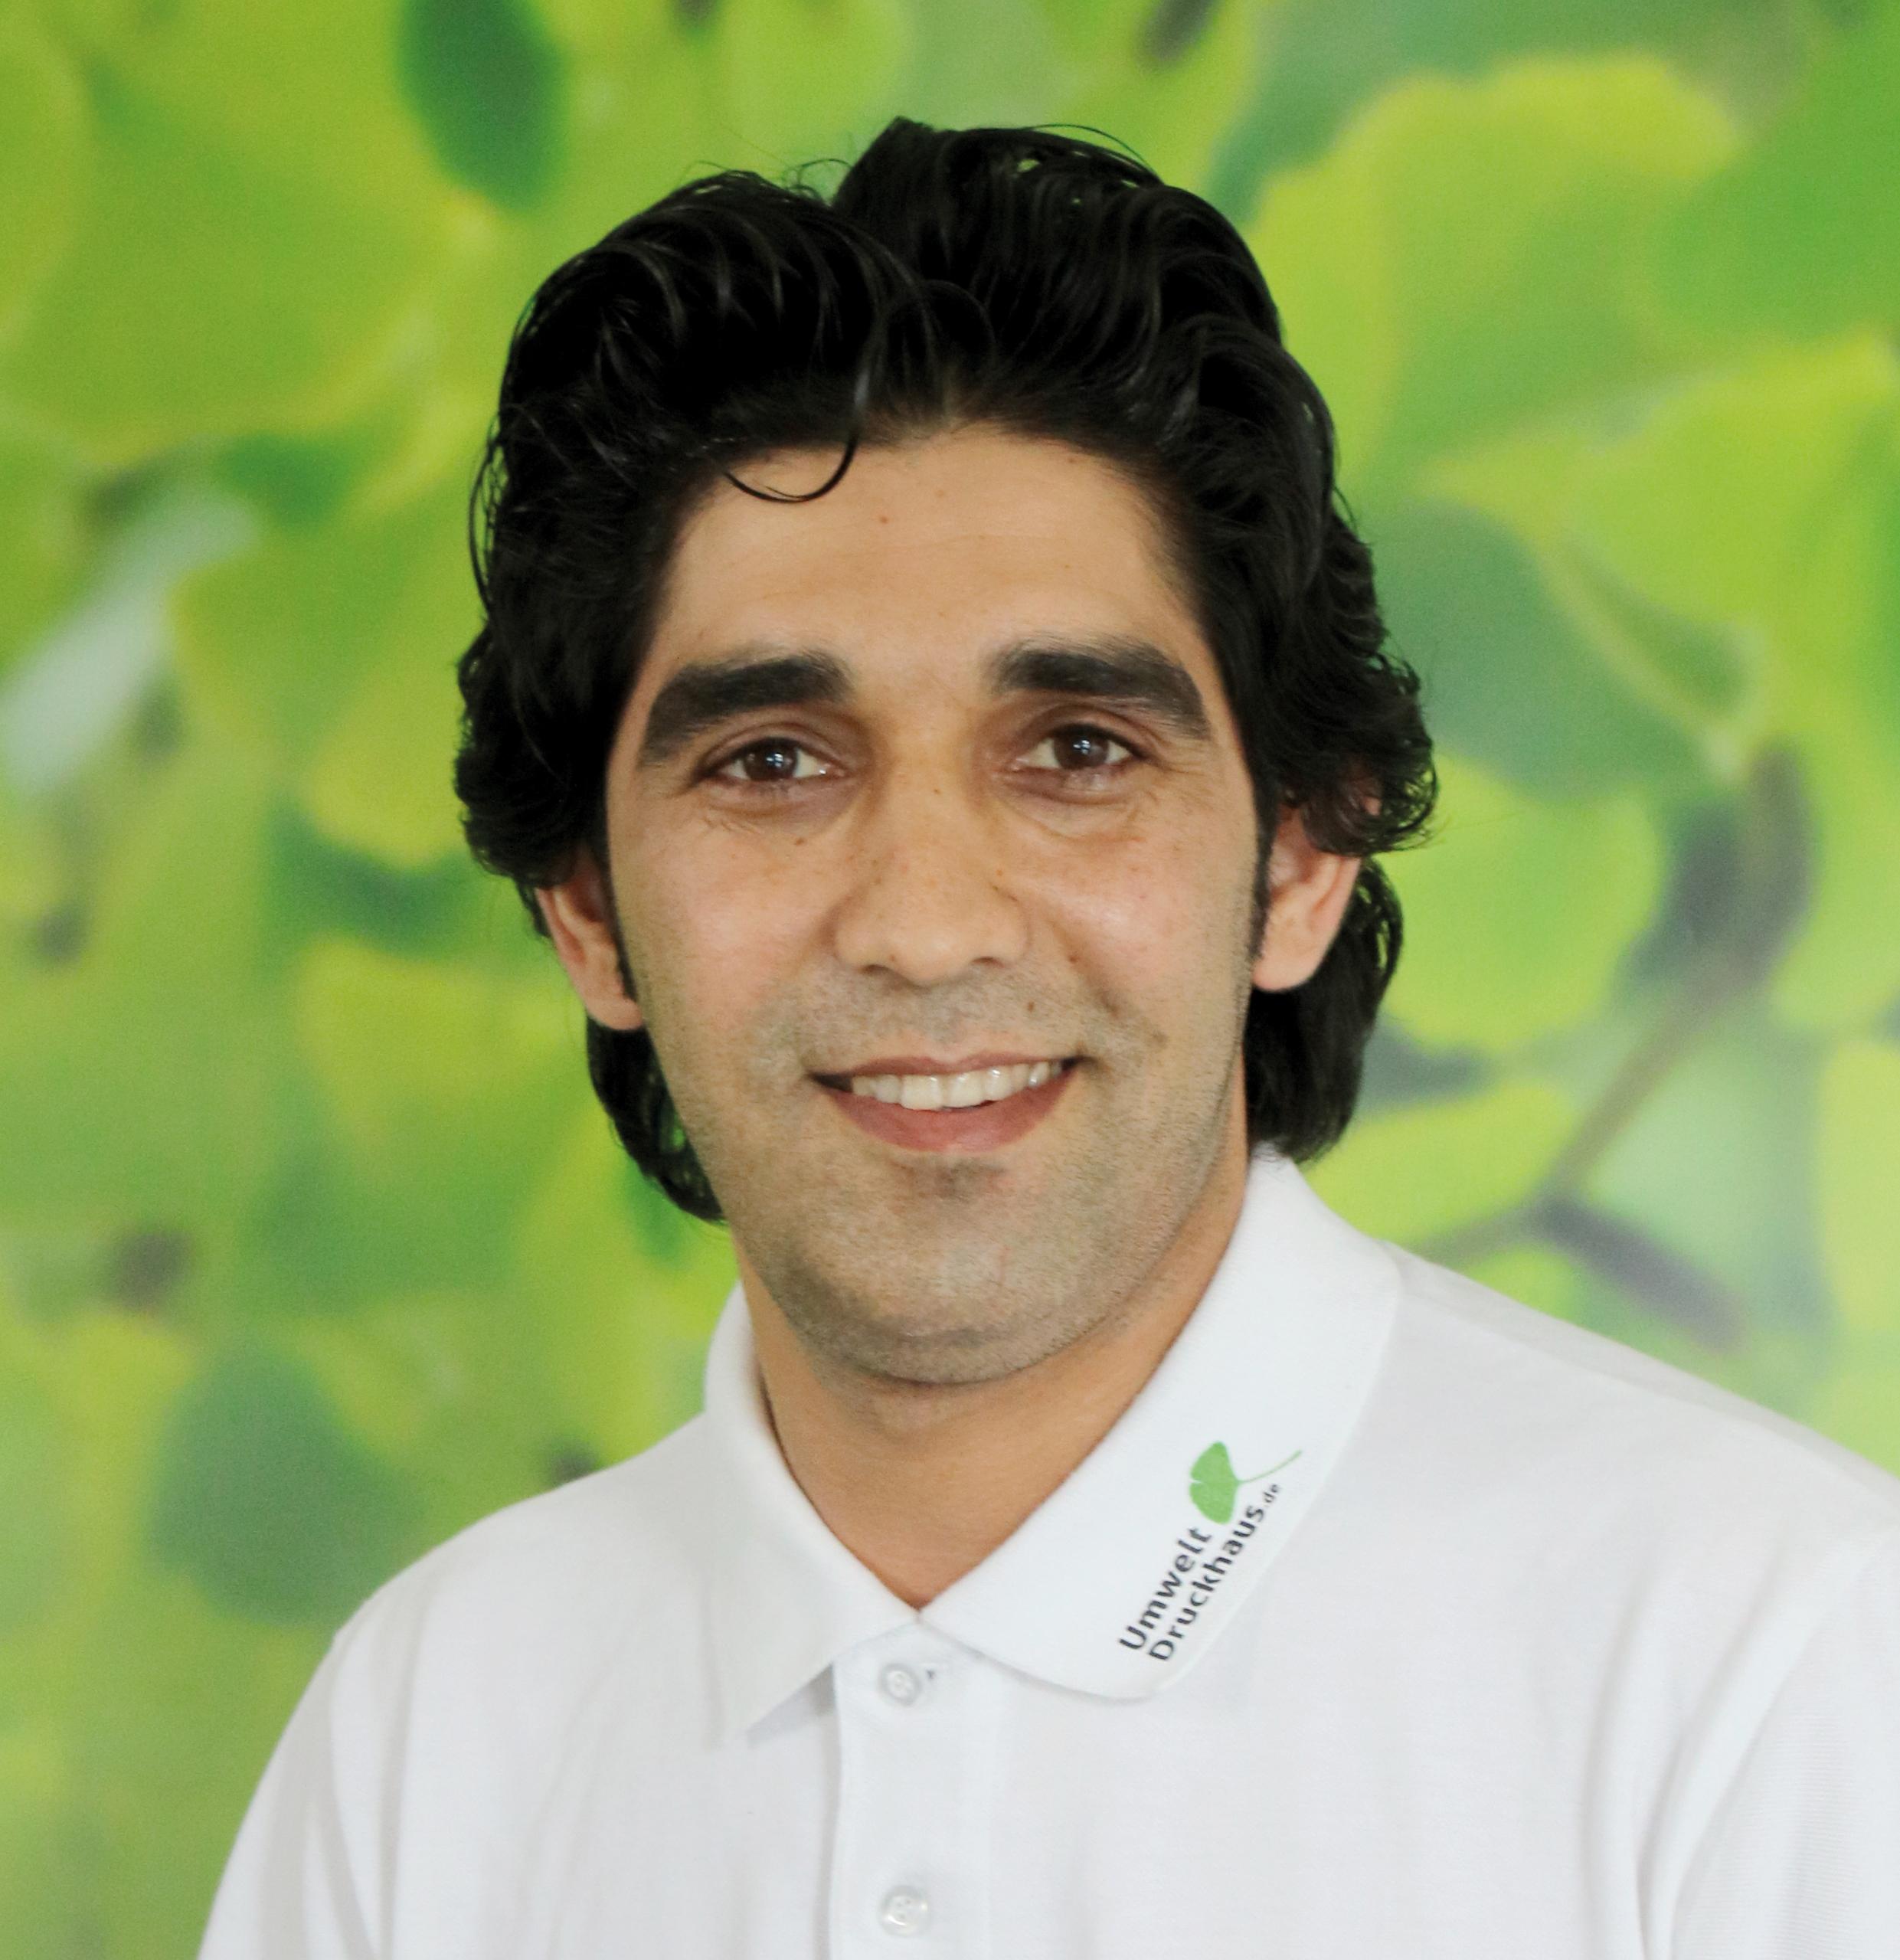 Khalid_Nooryan-UmweltDruckhaus-Hannover-Druckerei-Team